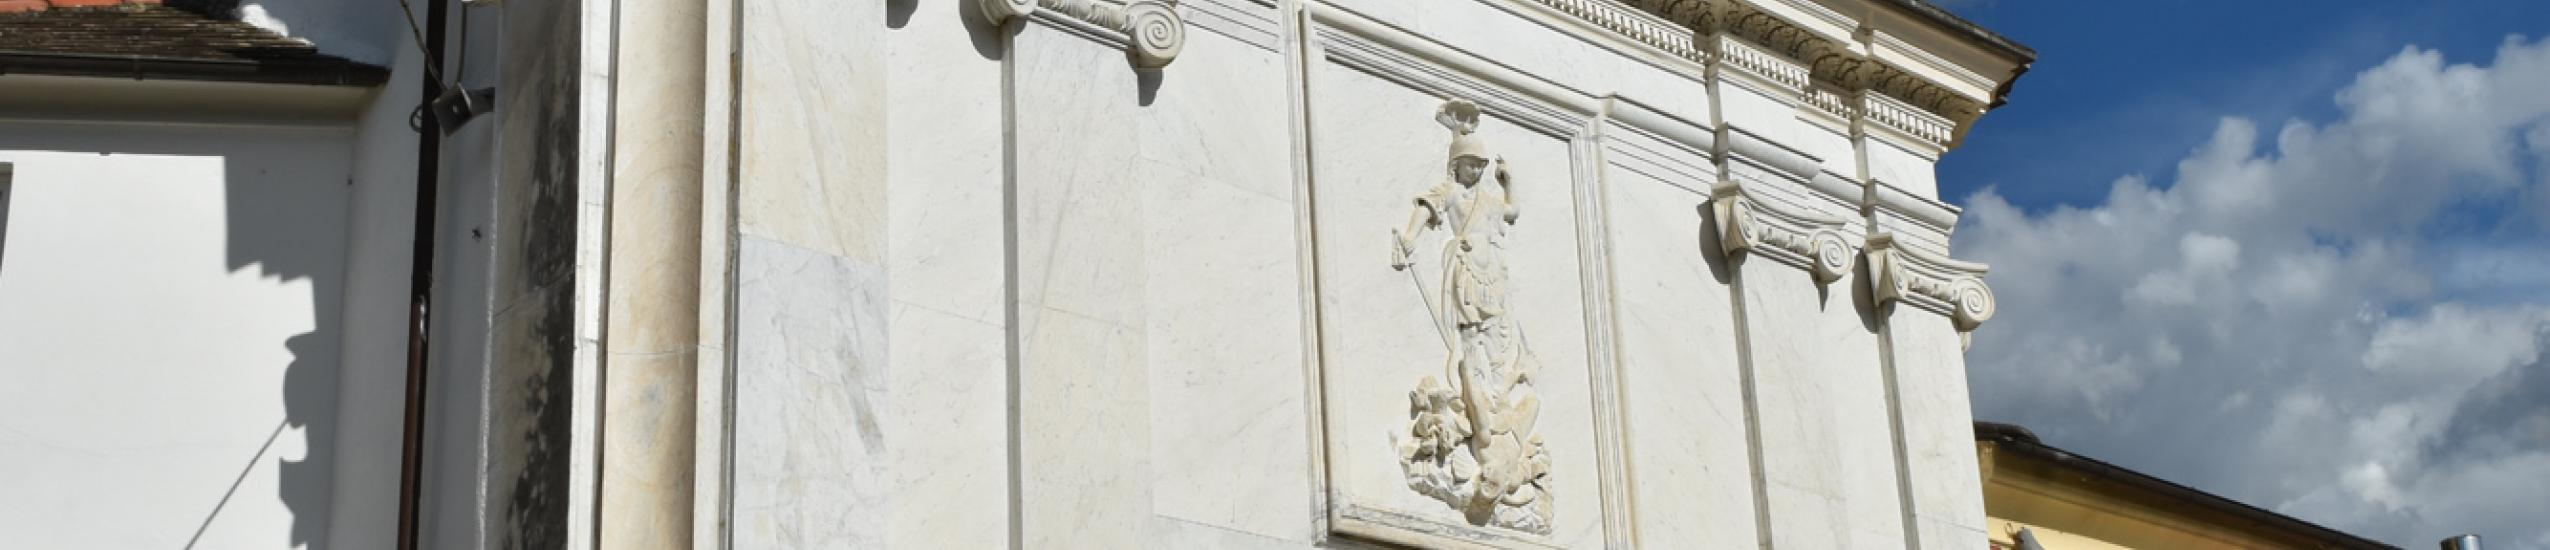 San Michele Arcangelo  di Soglio